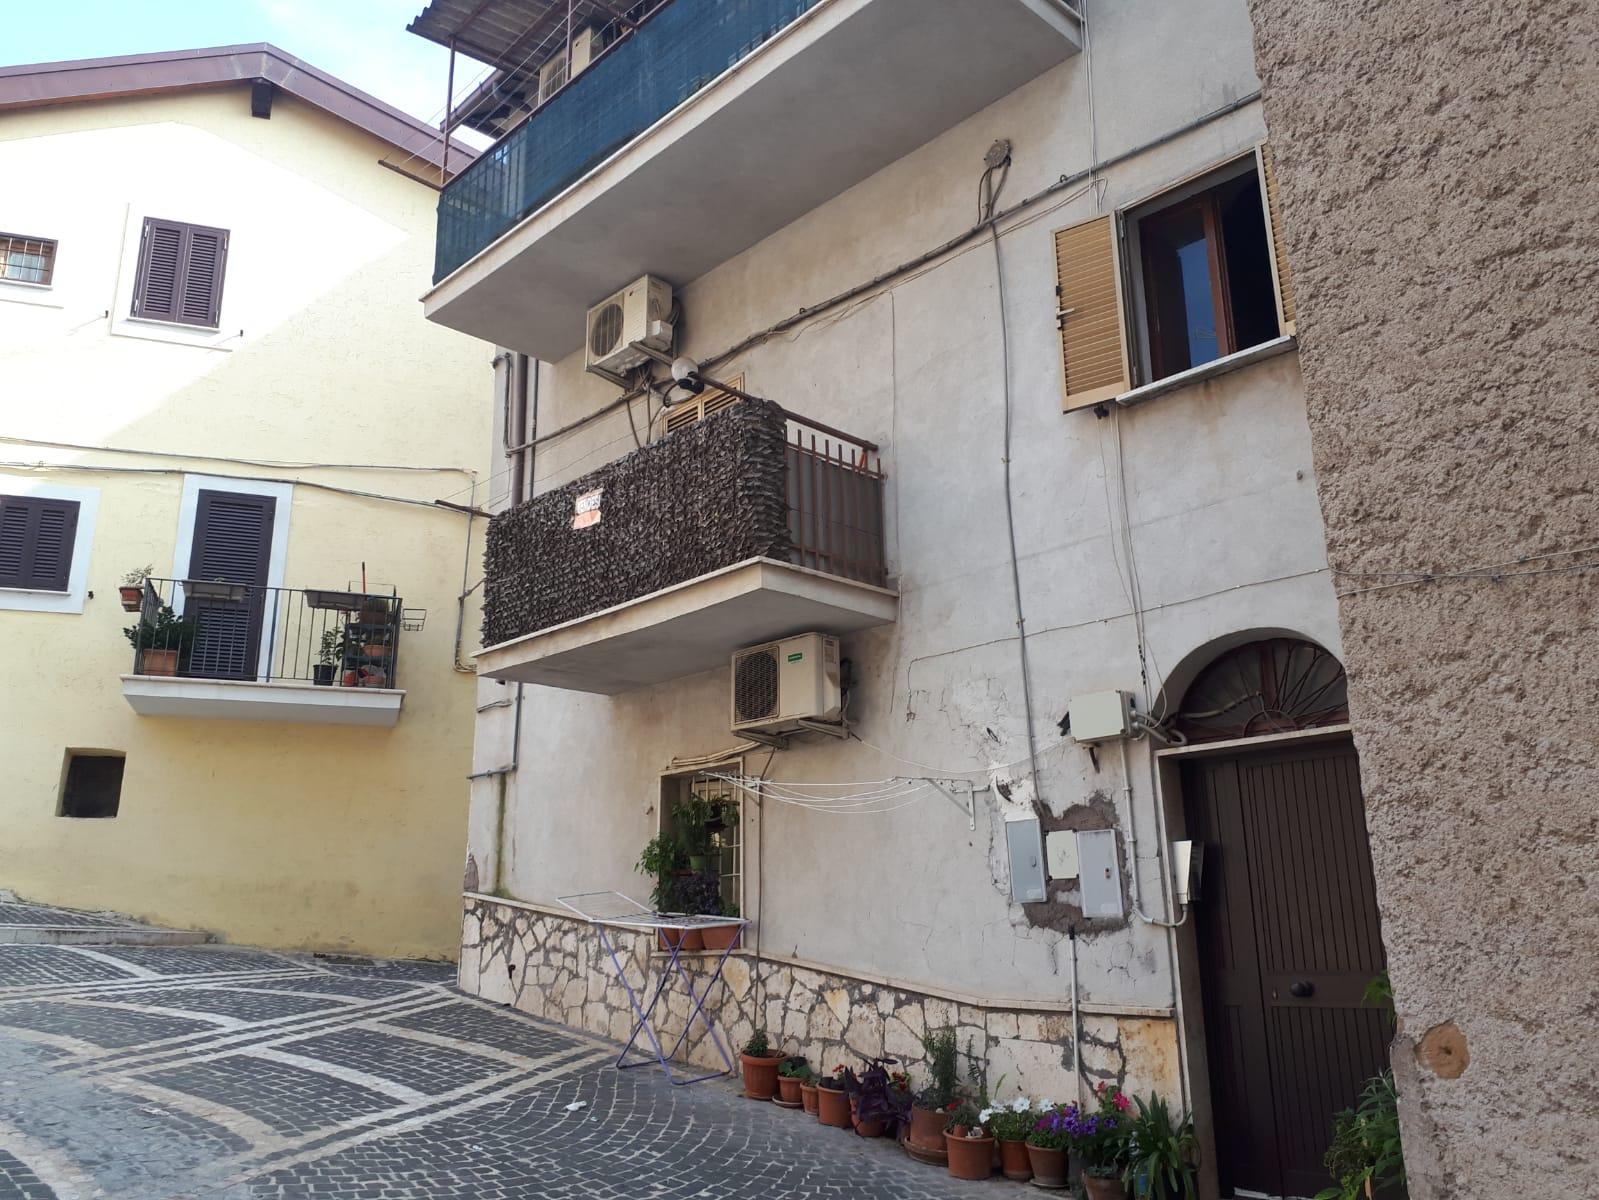 Appartamento in vendita a Marcellina, 2 locali, prezzo € 38.000 | CambioCasa.it